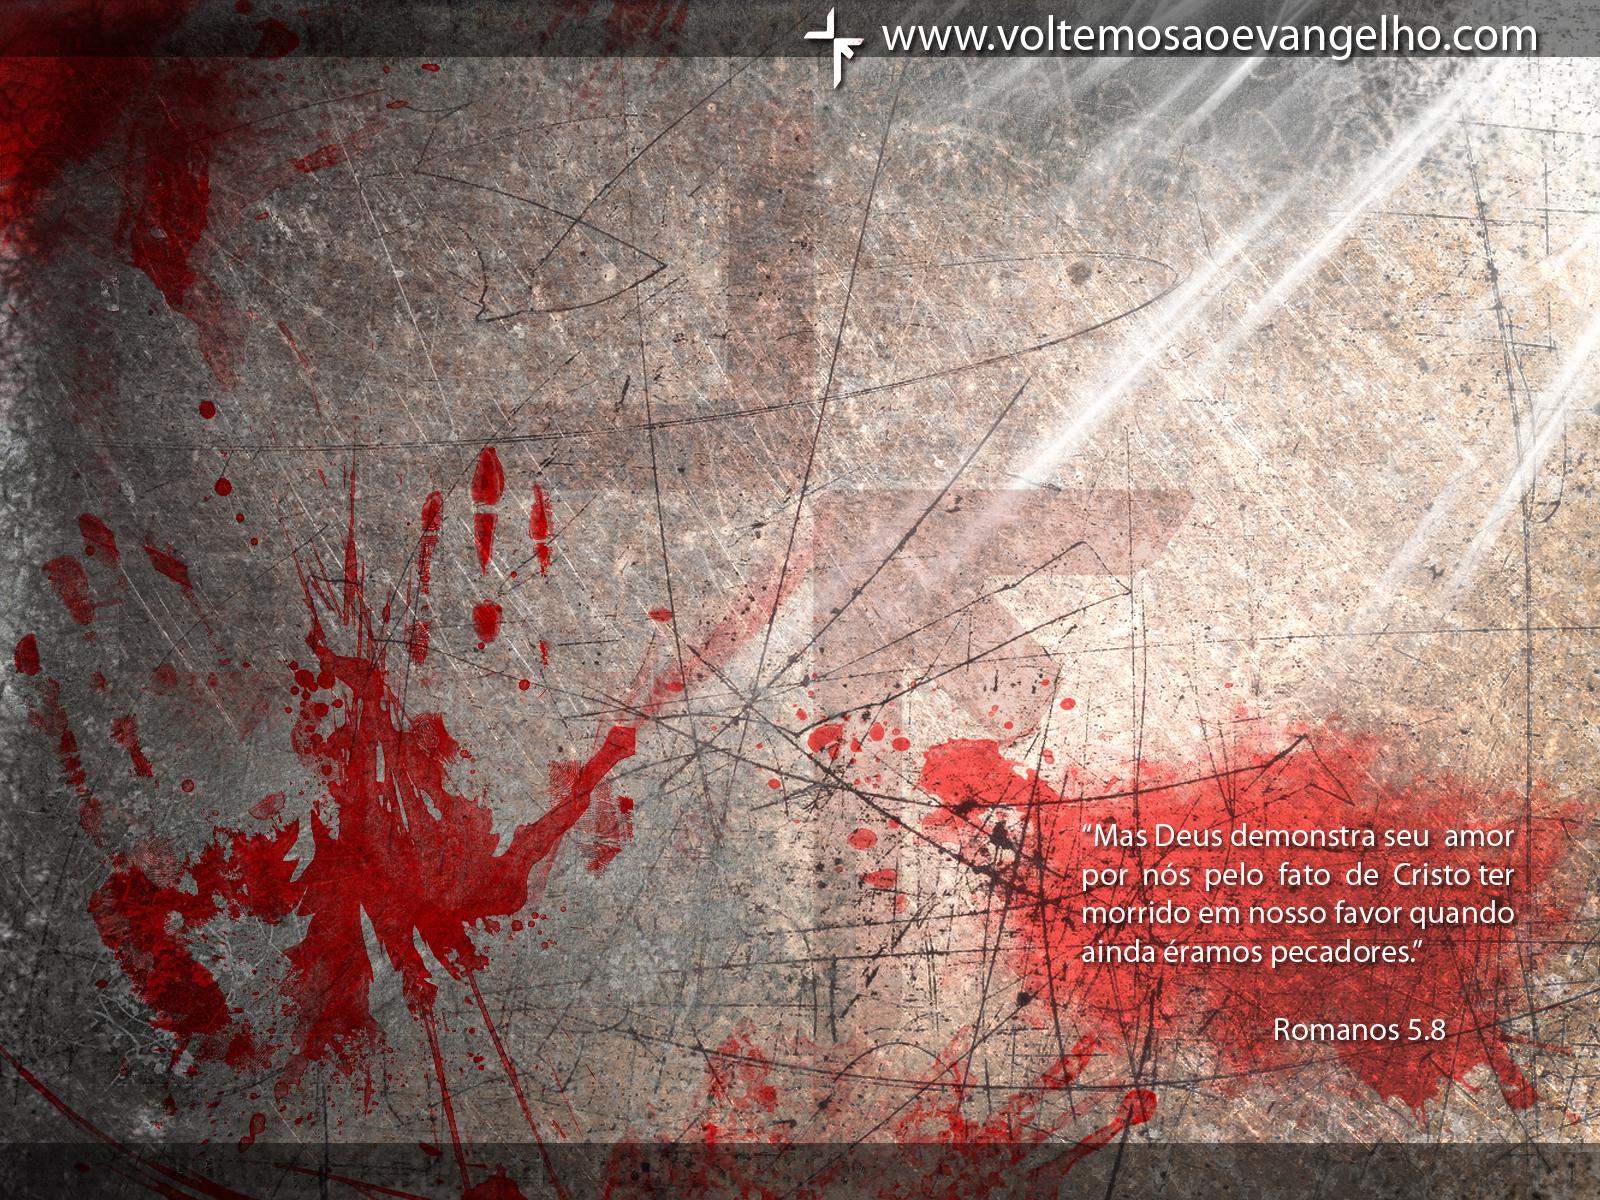 http://3.bp.blogspot.com/_i8kgjRrT9Wo/TLwau6d_nsI/AAAAAAAAAME/plwQ5cXqluw/s1600/Sacrificio.jpg